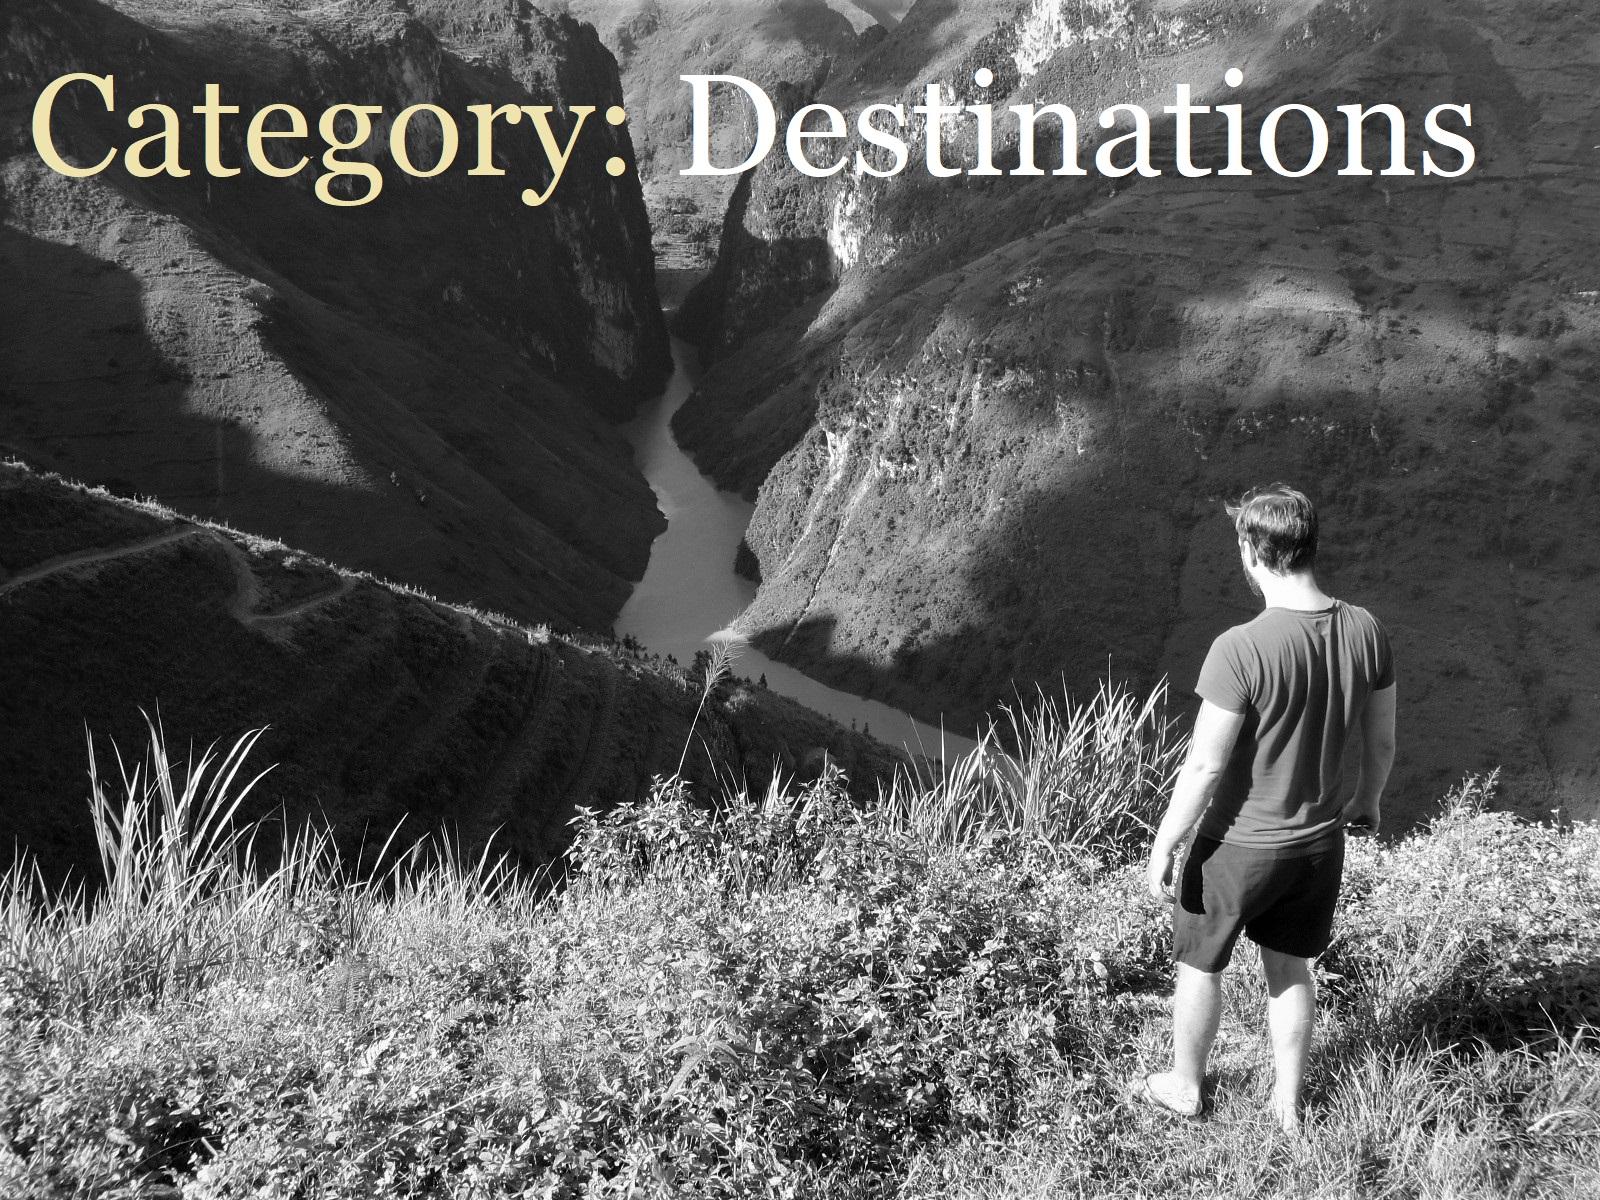 Destinations Category